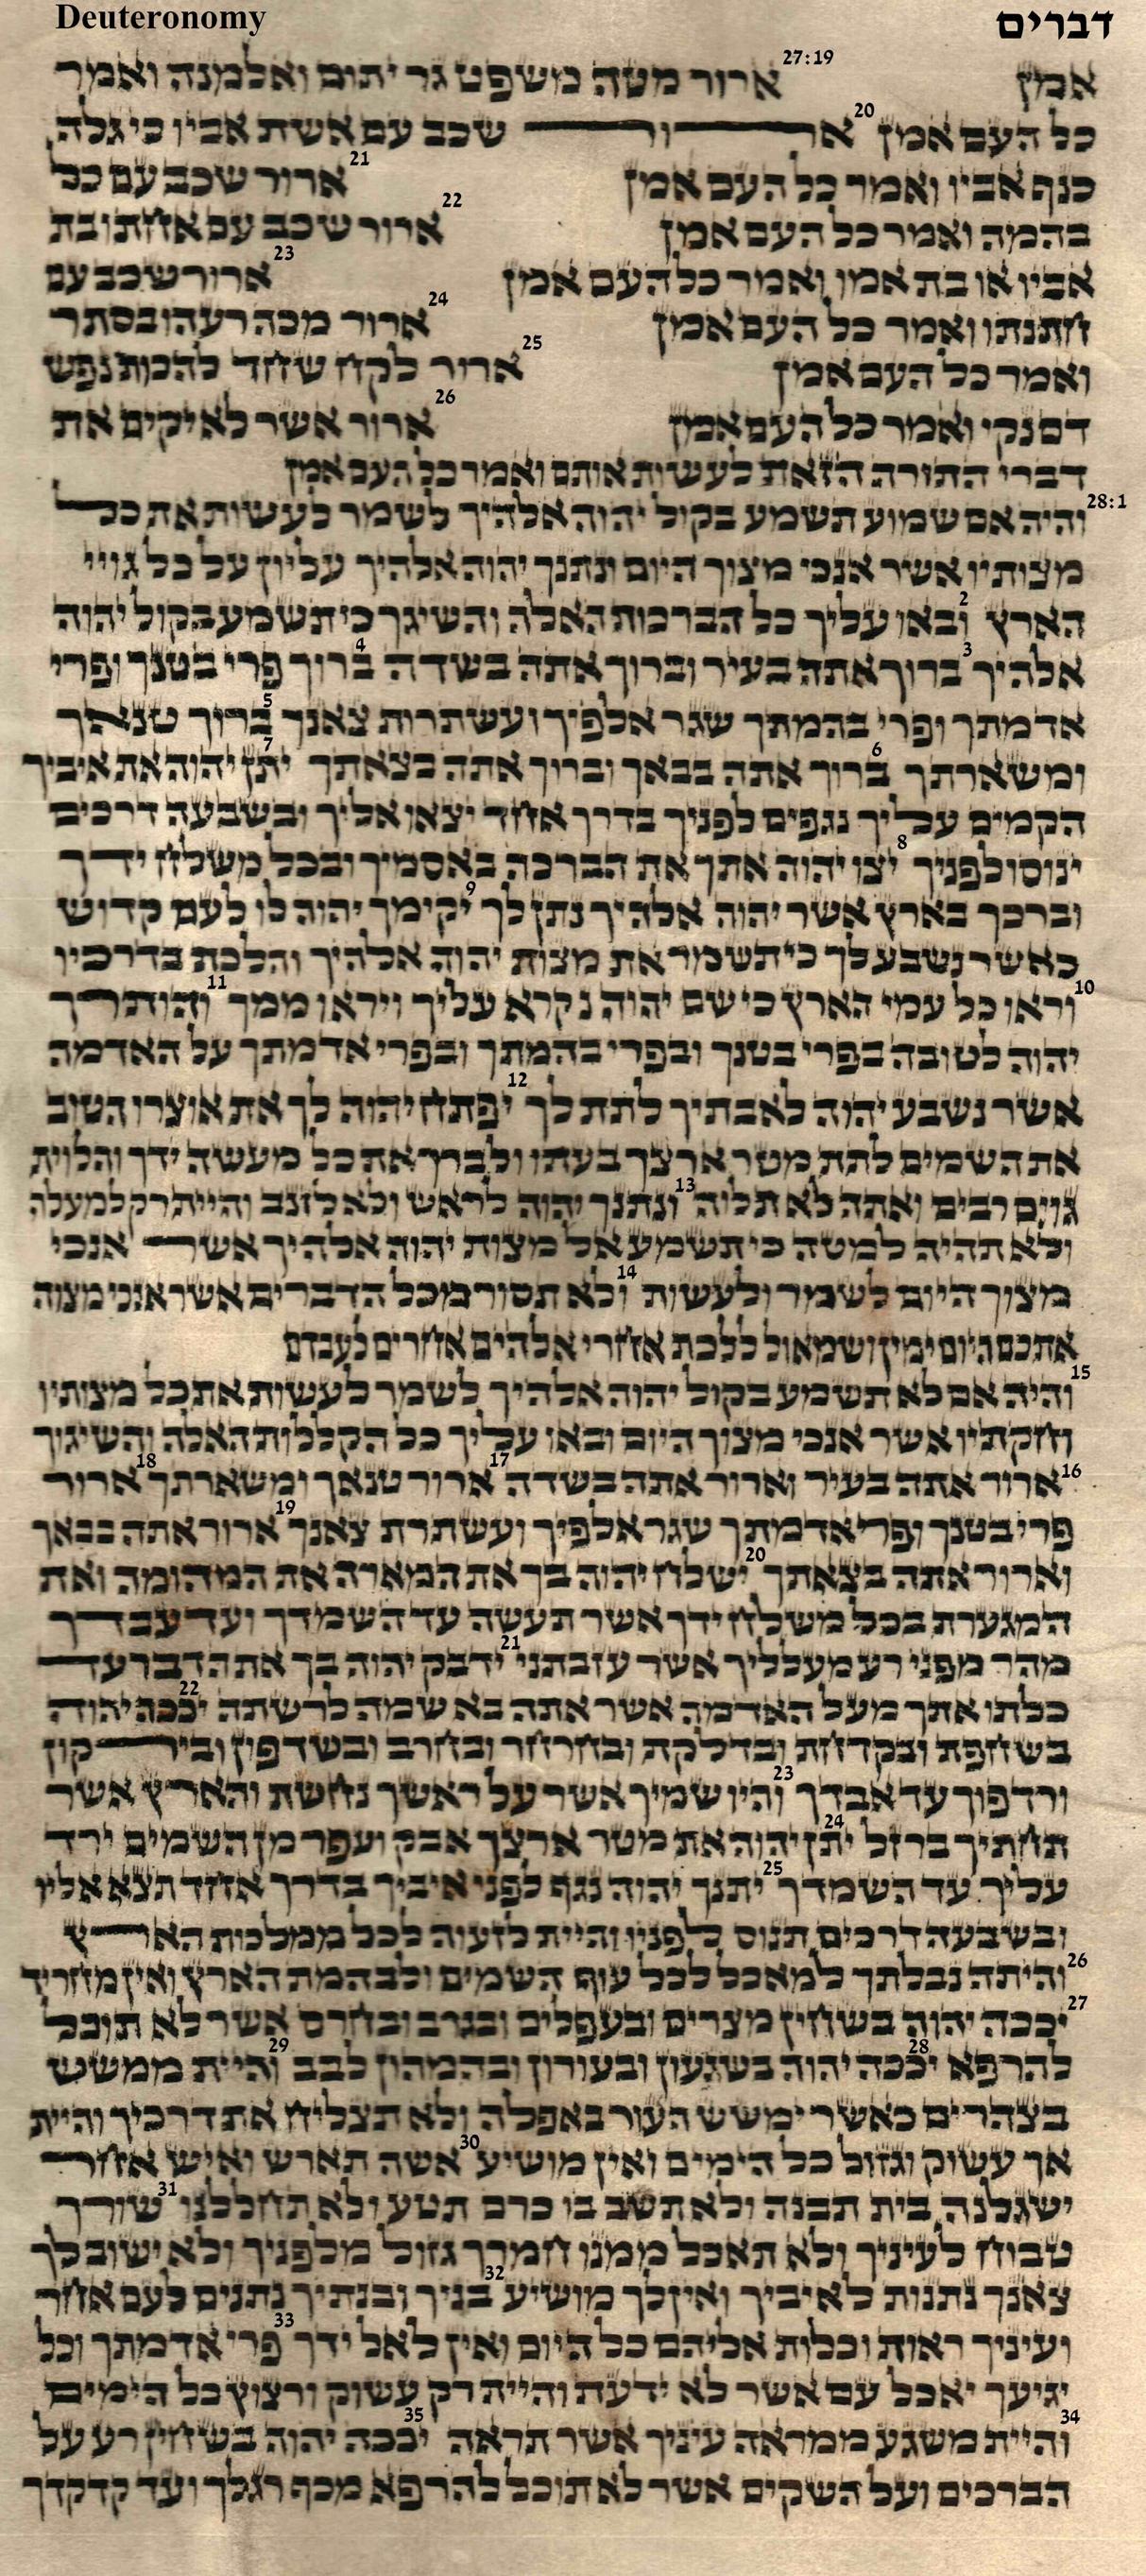 Deuteronomy 27.19 - 28.35